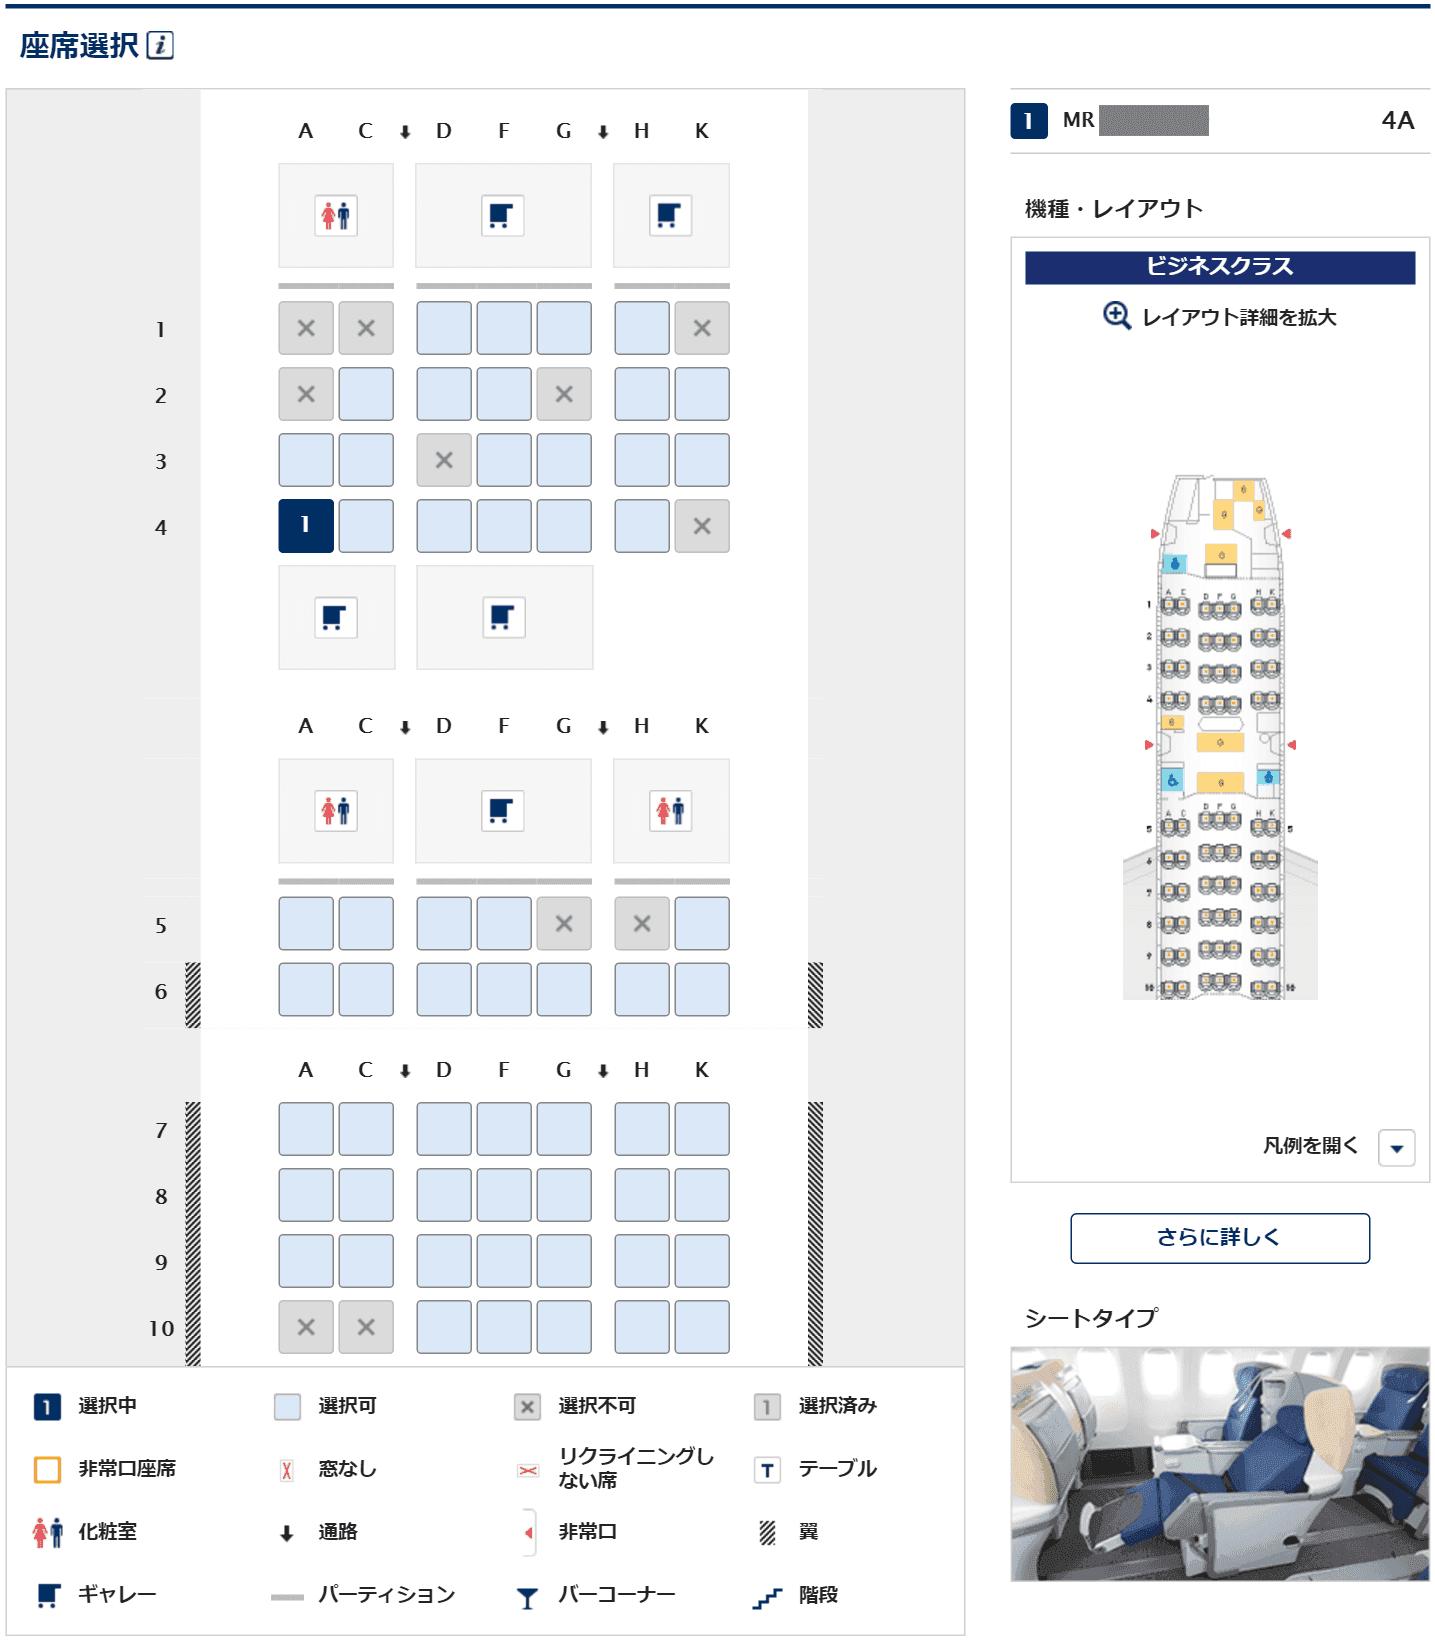 ANA861便ビジネスクラスの座席選択